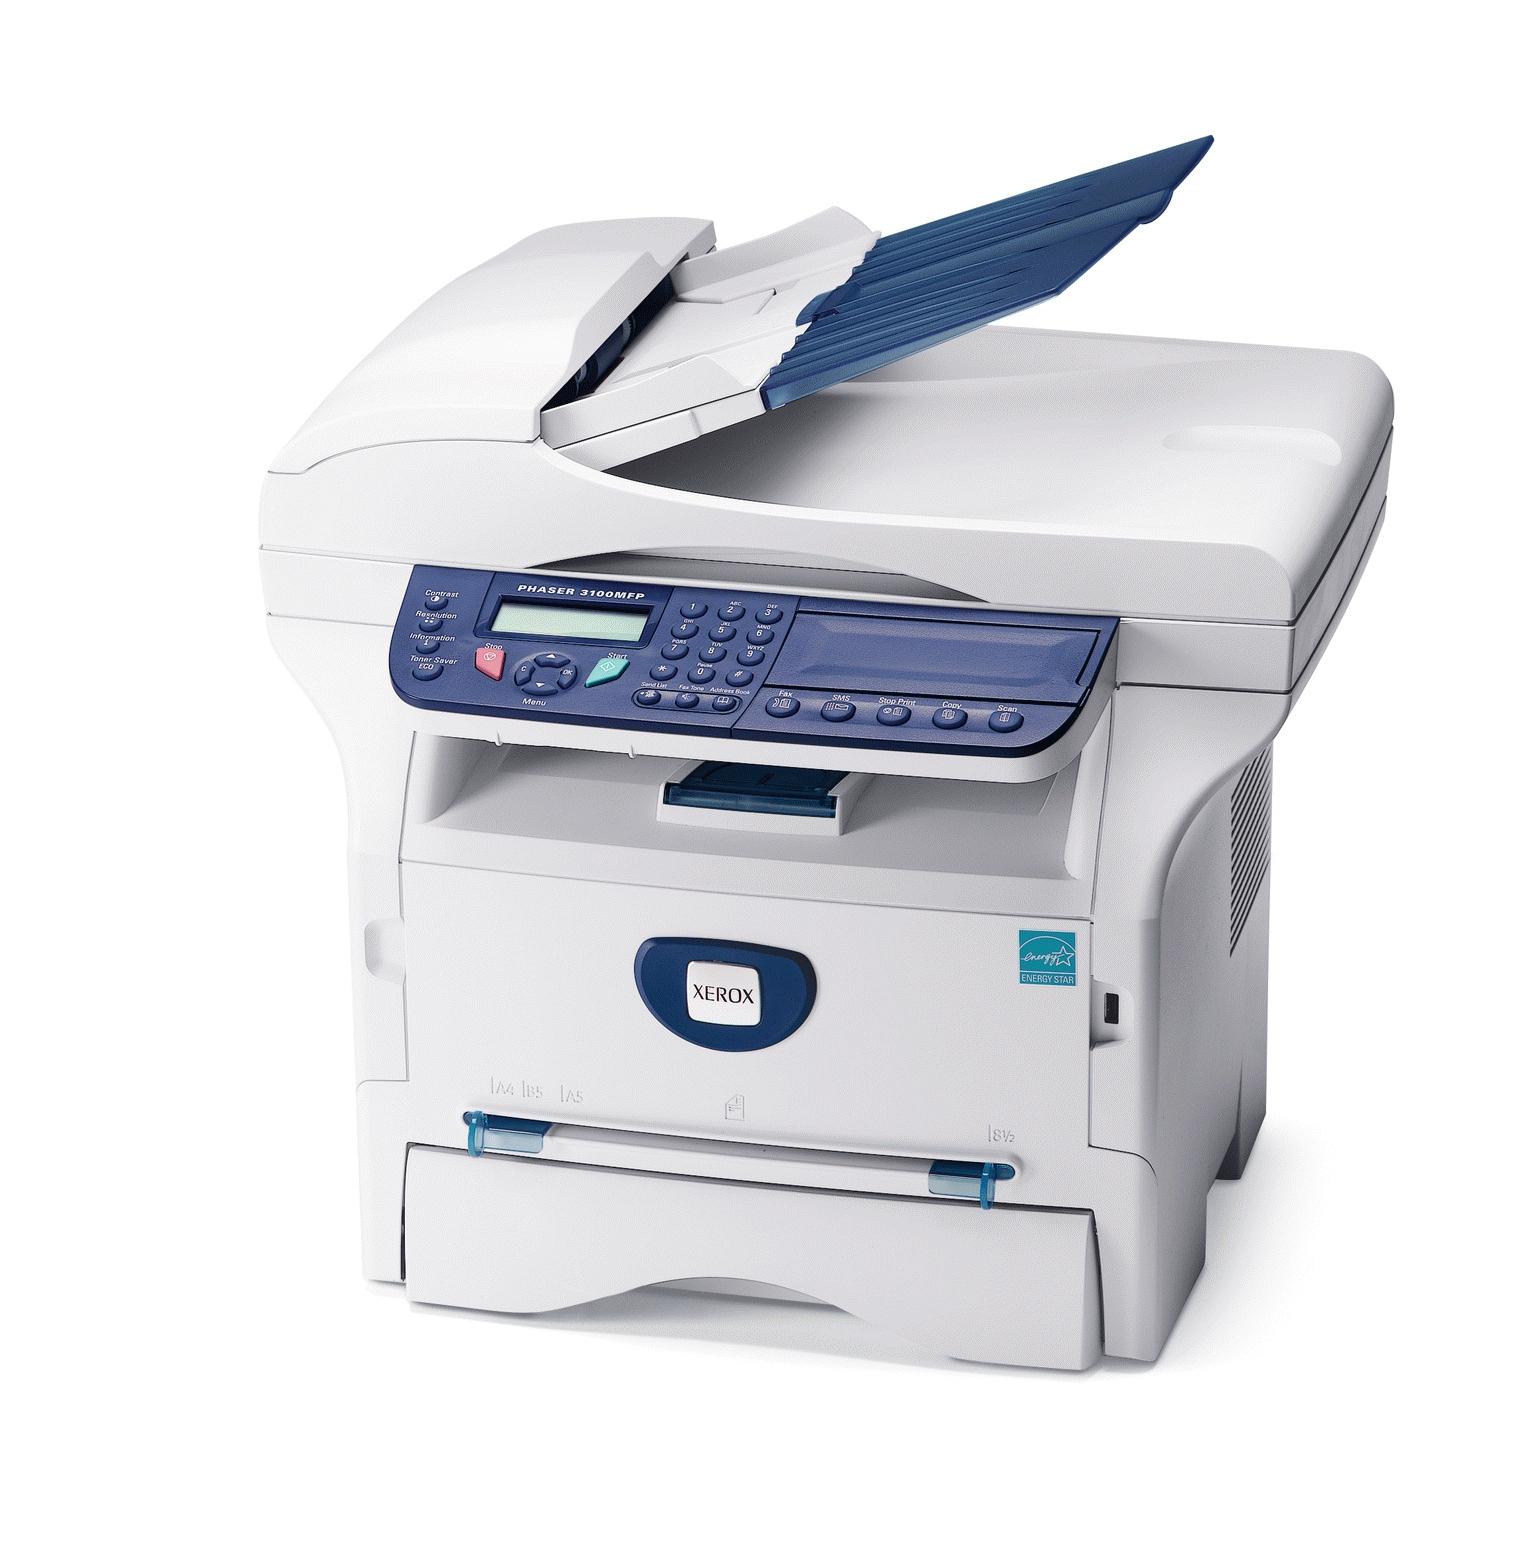 Ремонт принтера Xerox Phaser 3100